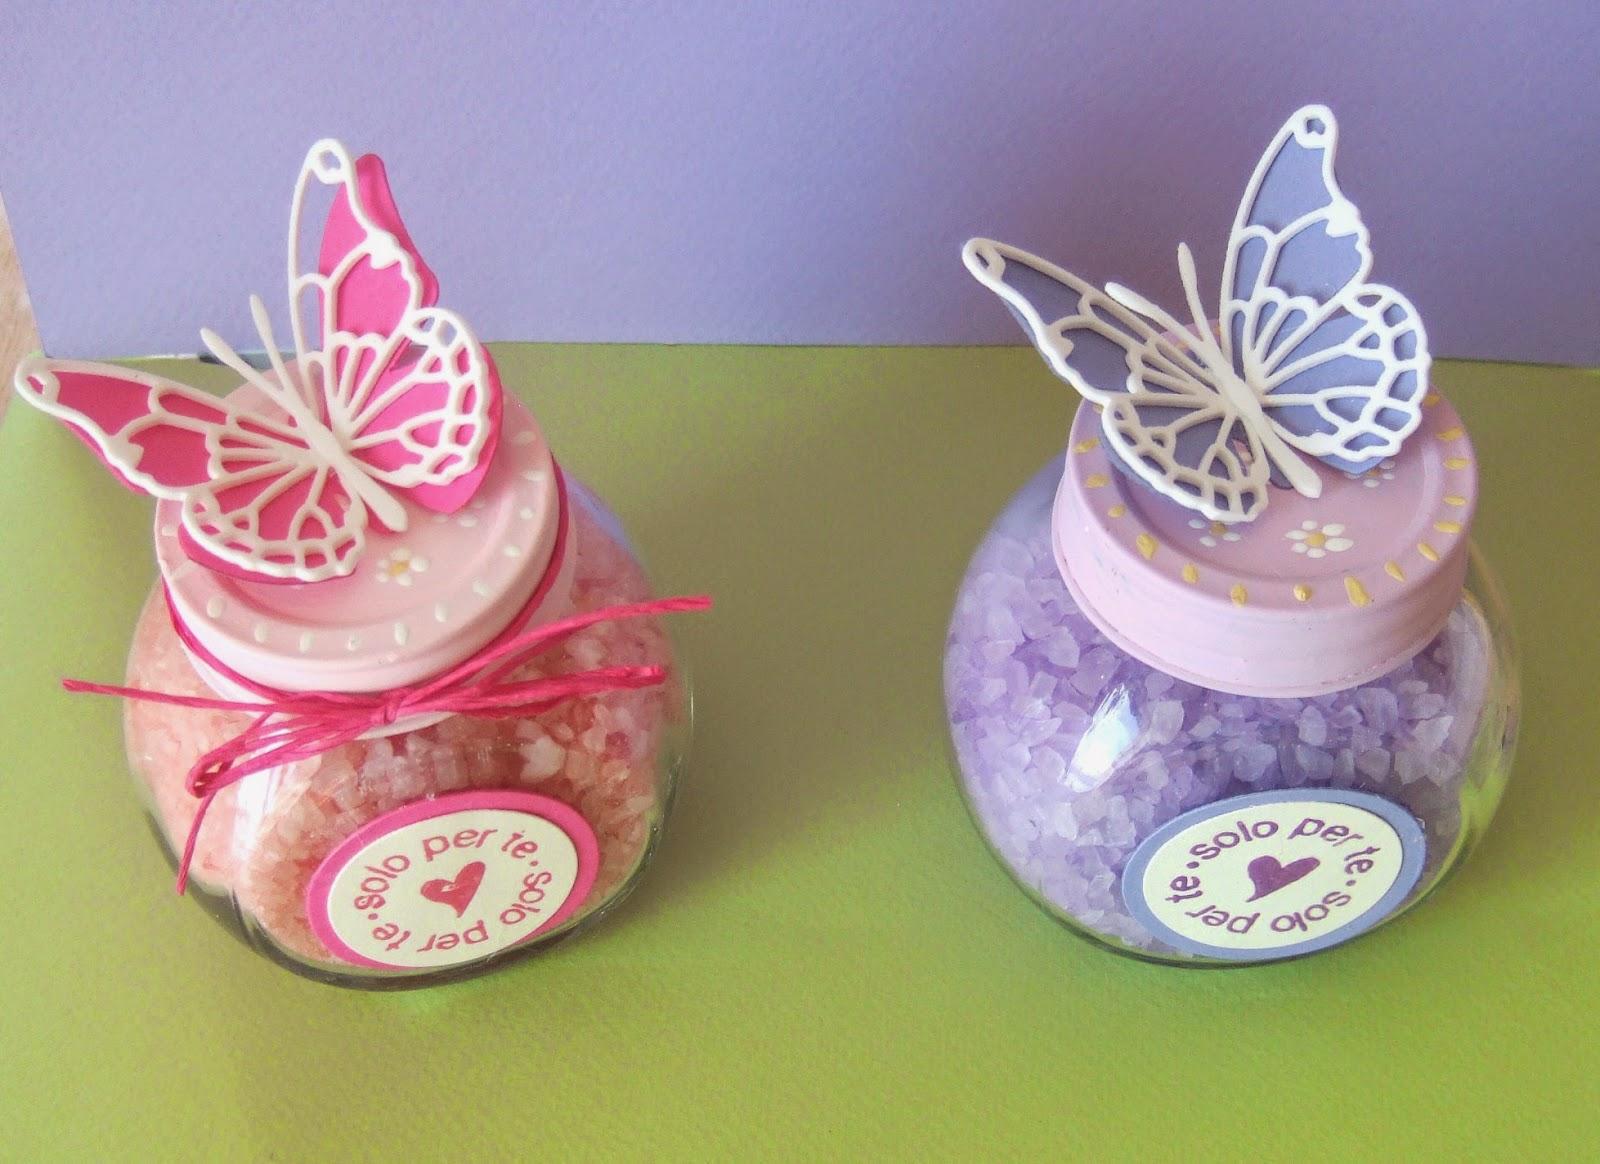 Un giardino di fantasia vasetti porta sali da bagno con farfalla - Porta sali da bagno ...